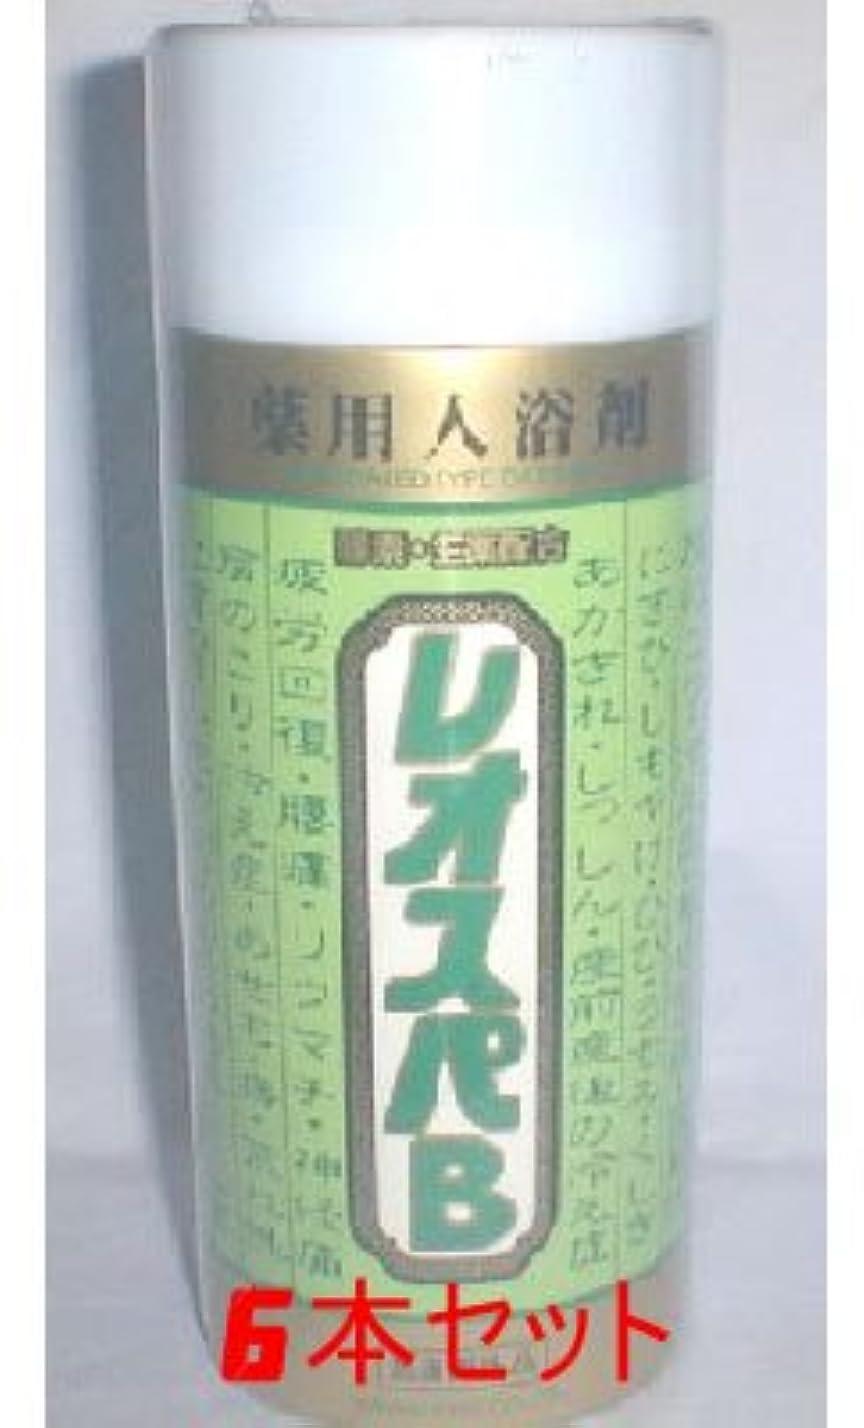 ボトルギャラントリー絶え間ないレオスパB 【6本セット】